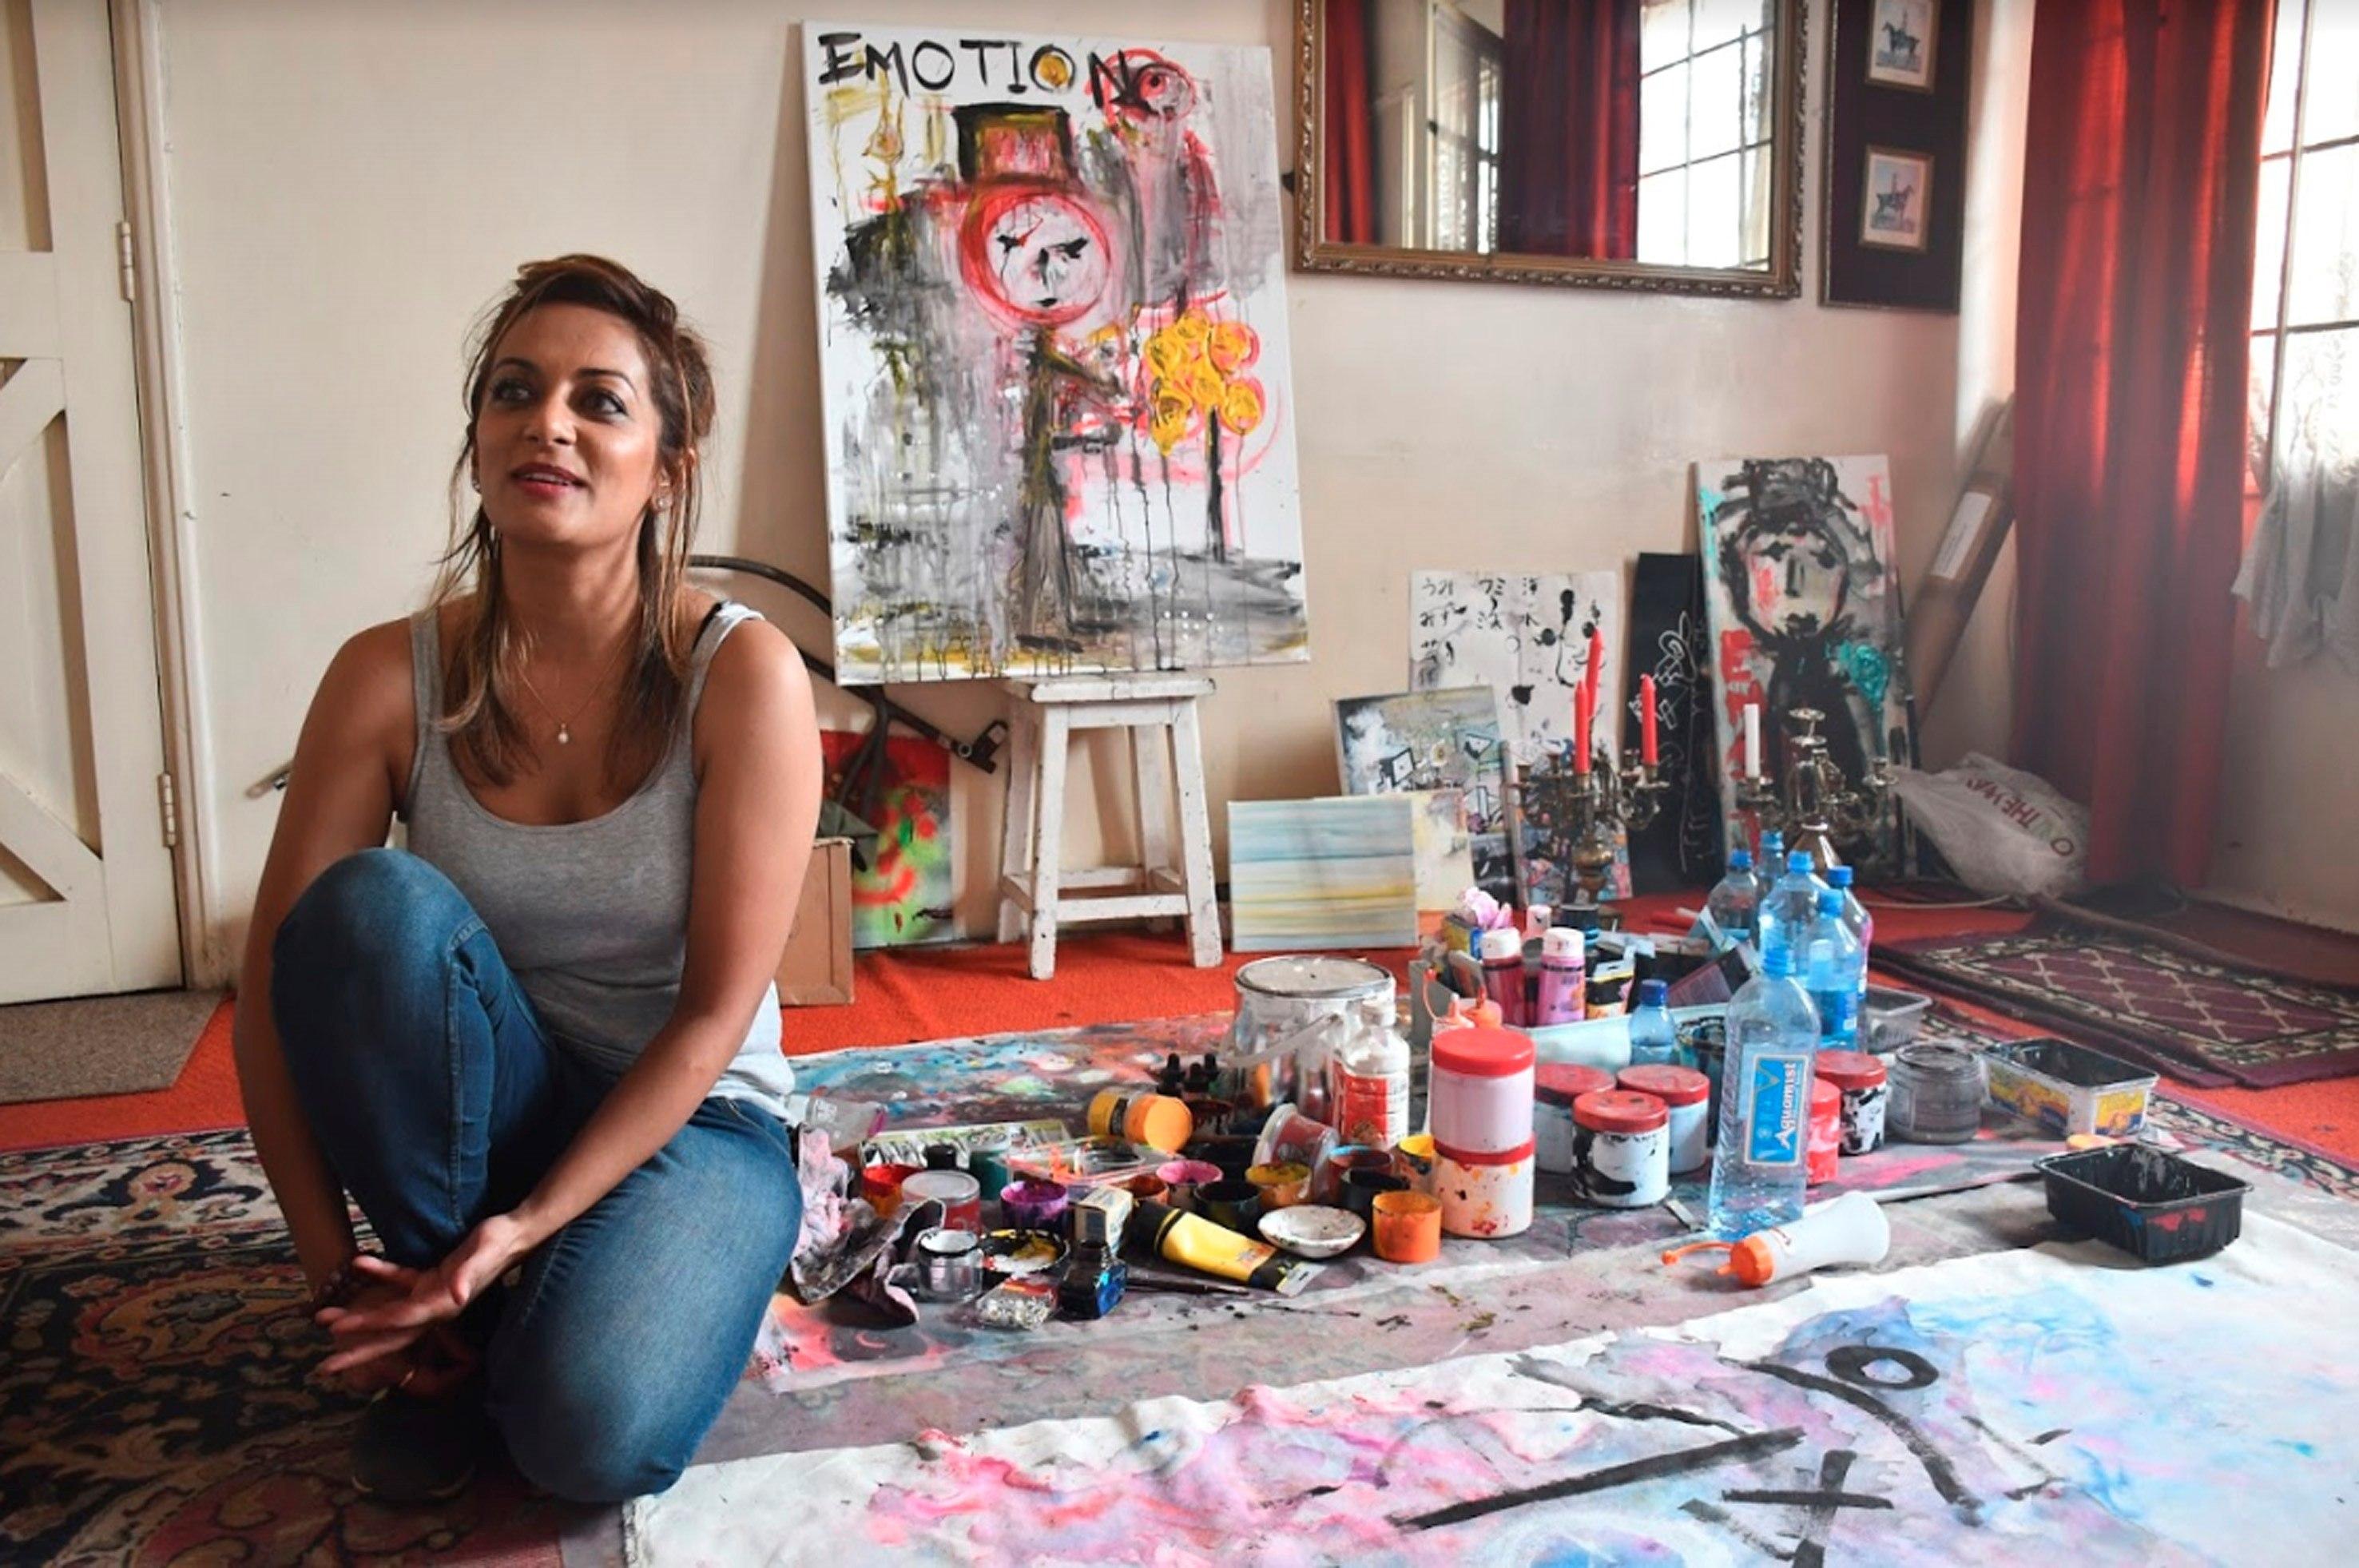 Hacer obras inclusivases la obsesión de Tina Benawra.(Edurne Morillo / EFE)